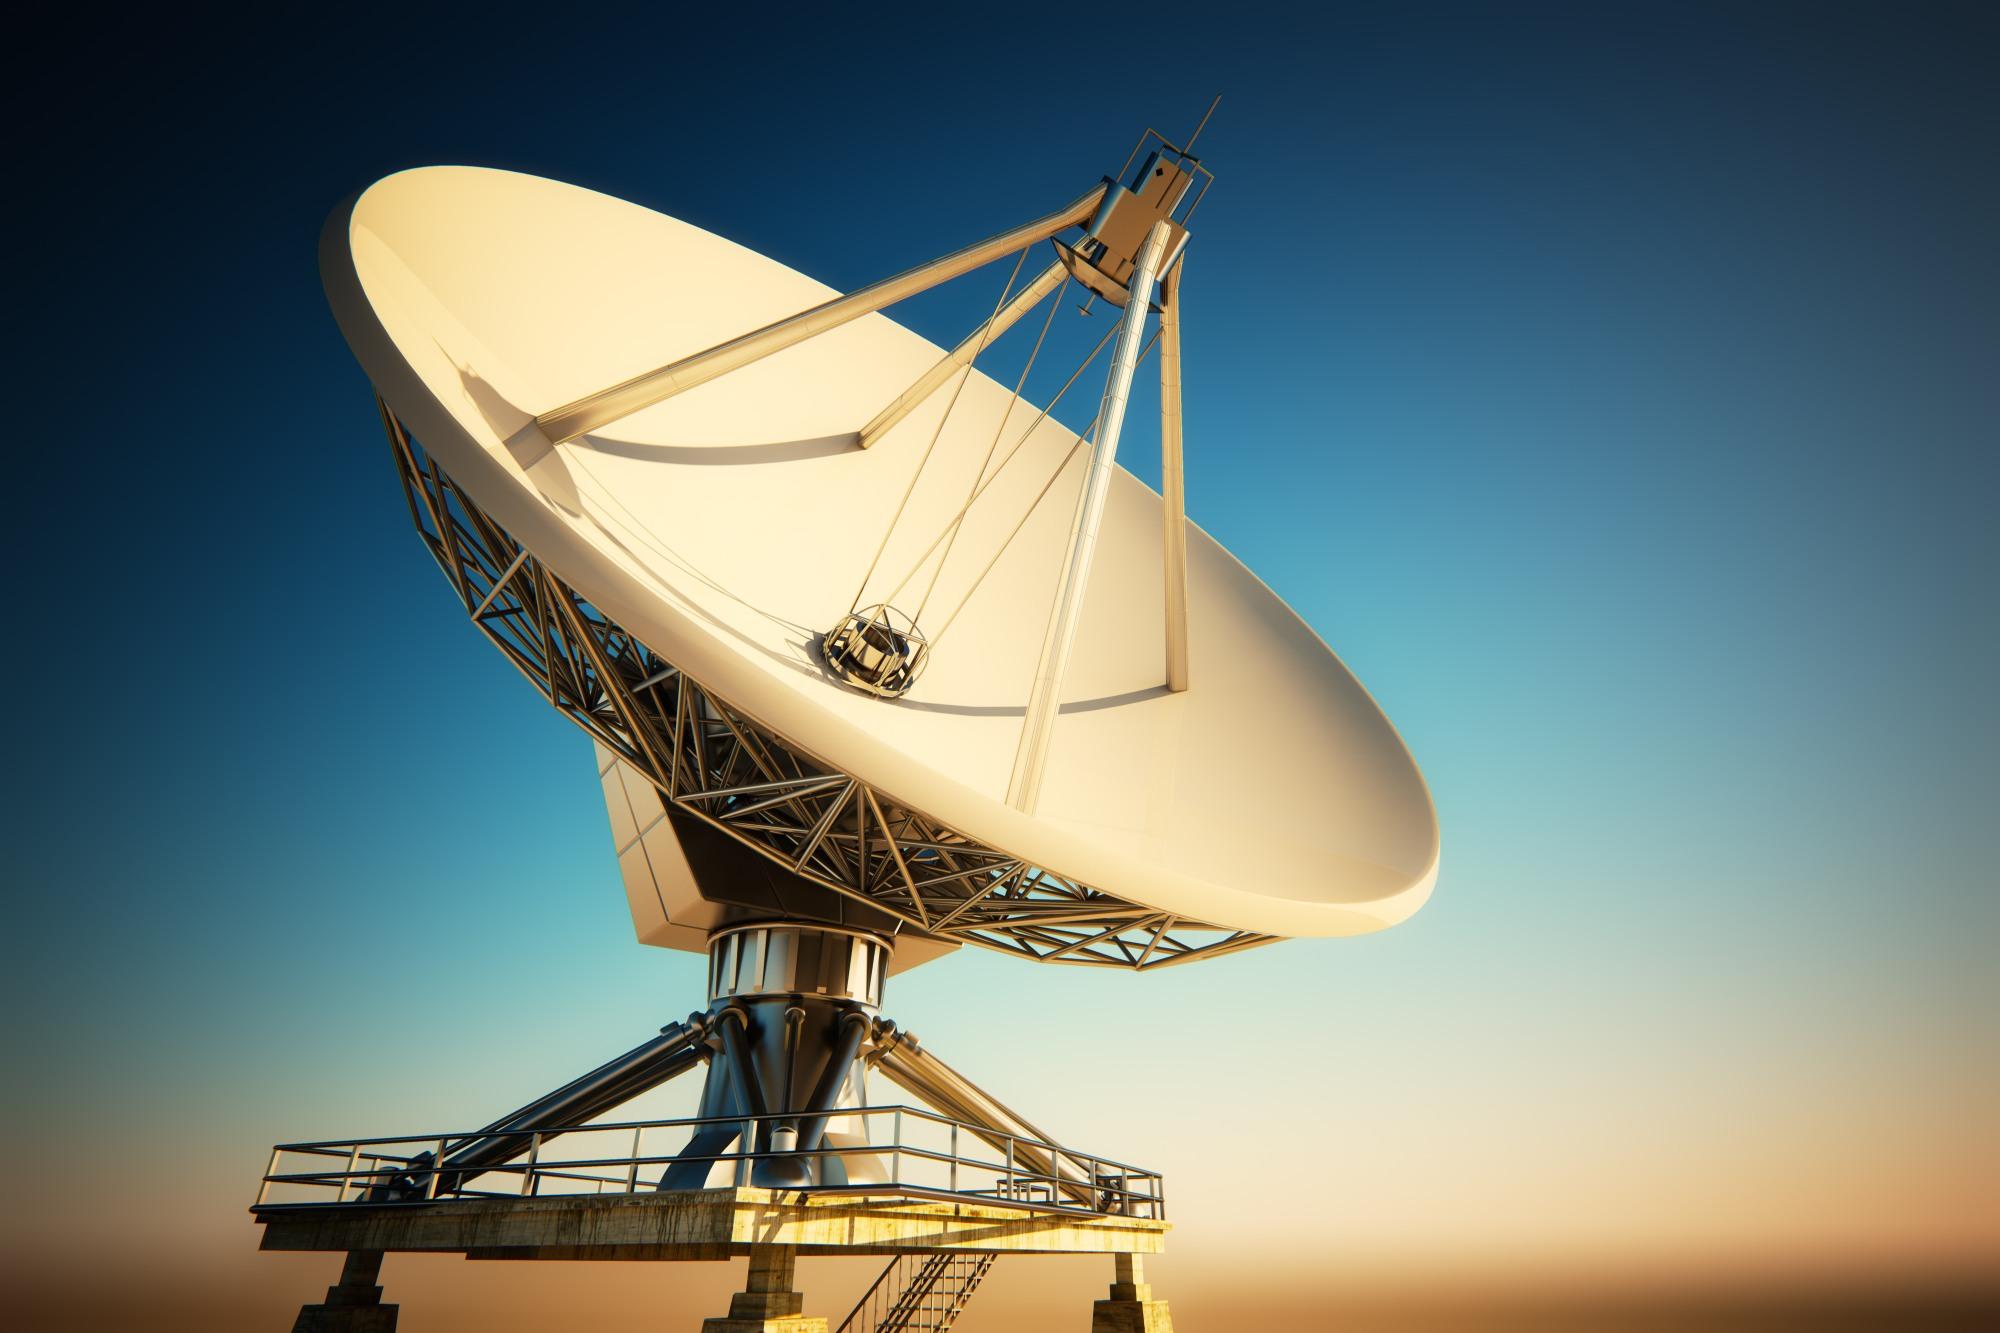 Картинки по запросу спутниковая компания